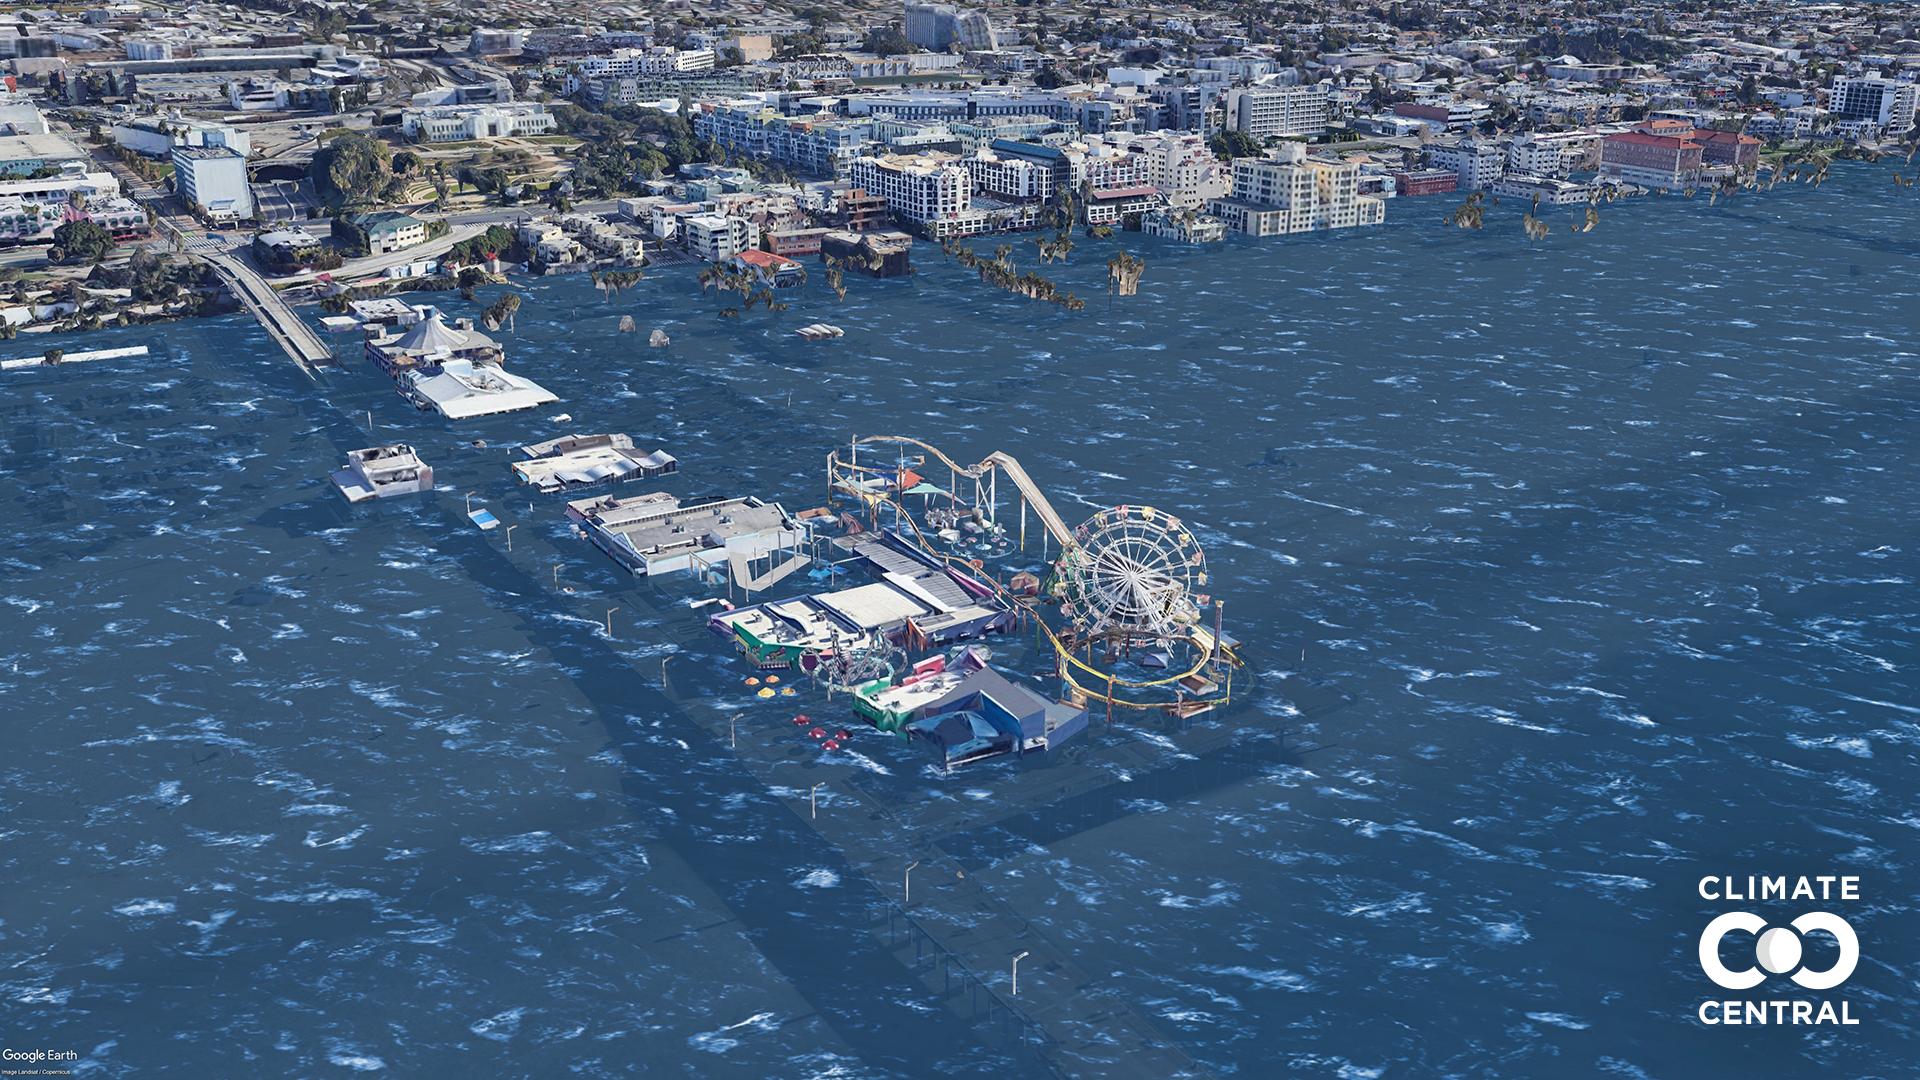 Các thành phố lớn sẽ thế nào nếu Trái đất tăng thêm 3 độ C? - ảnh 8